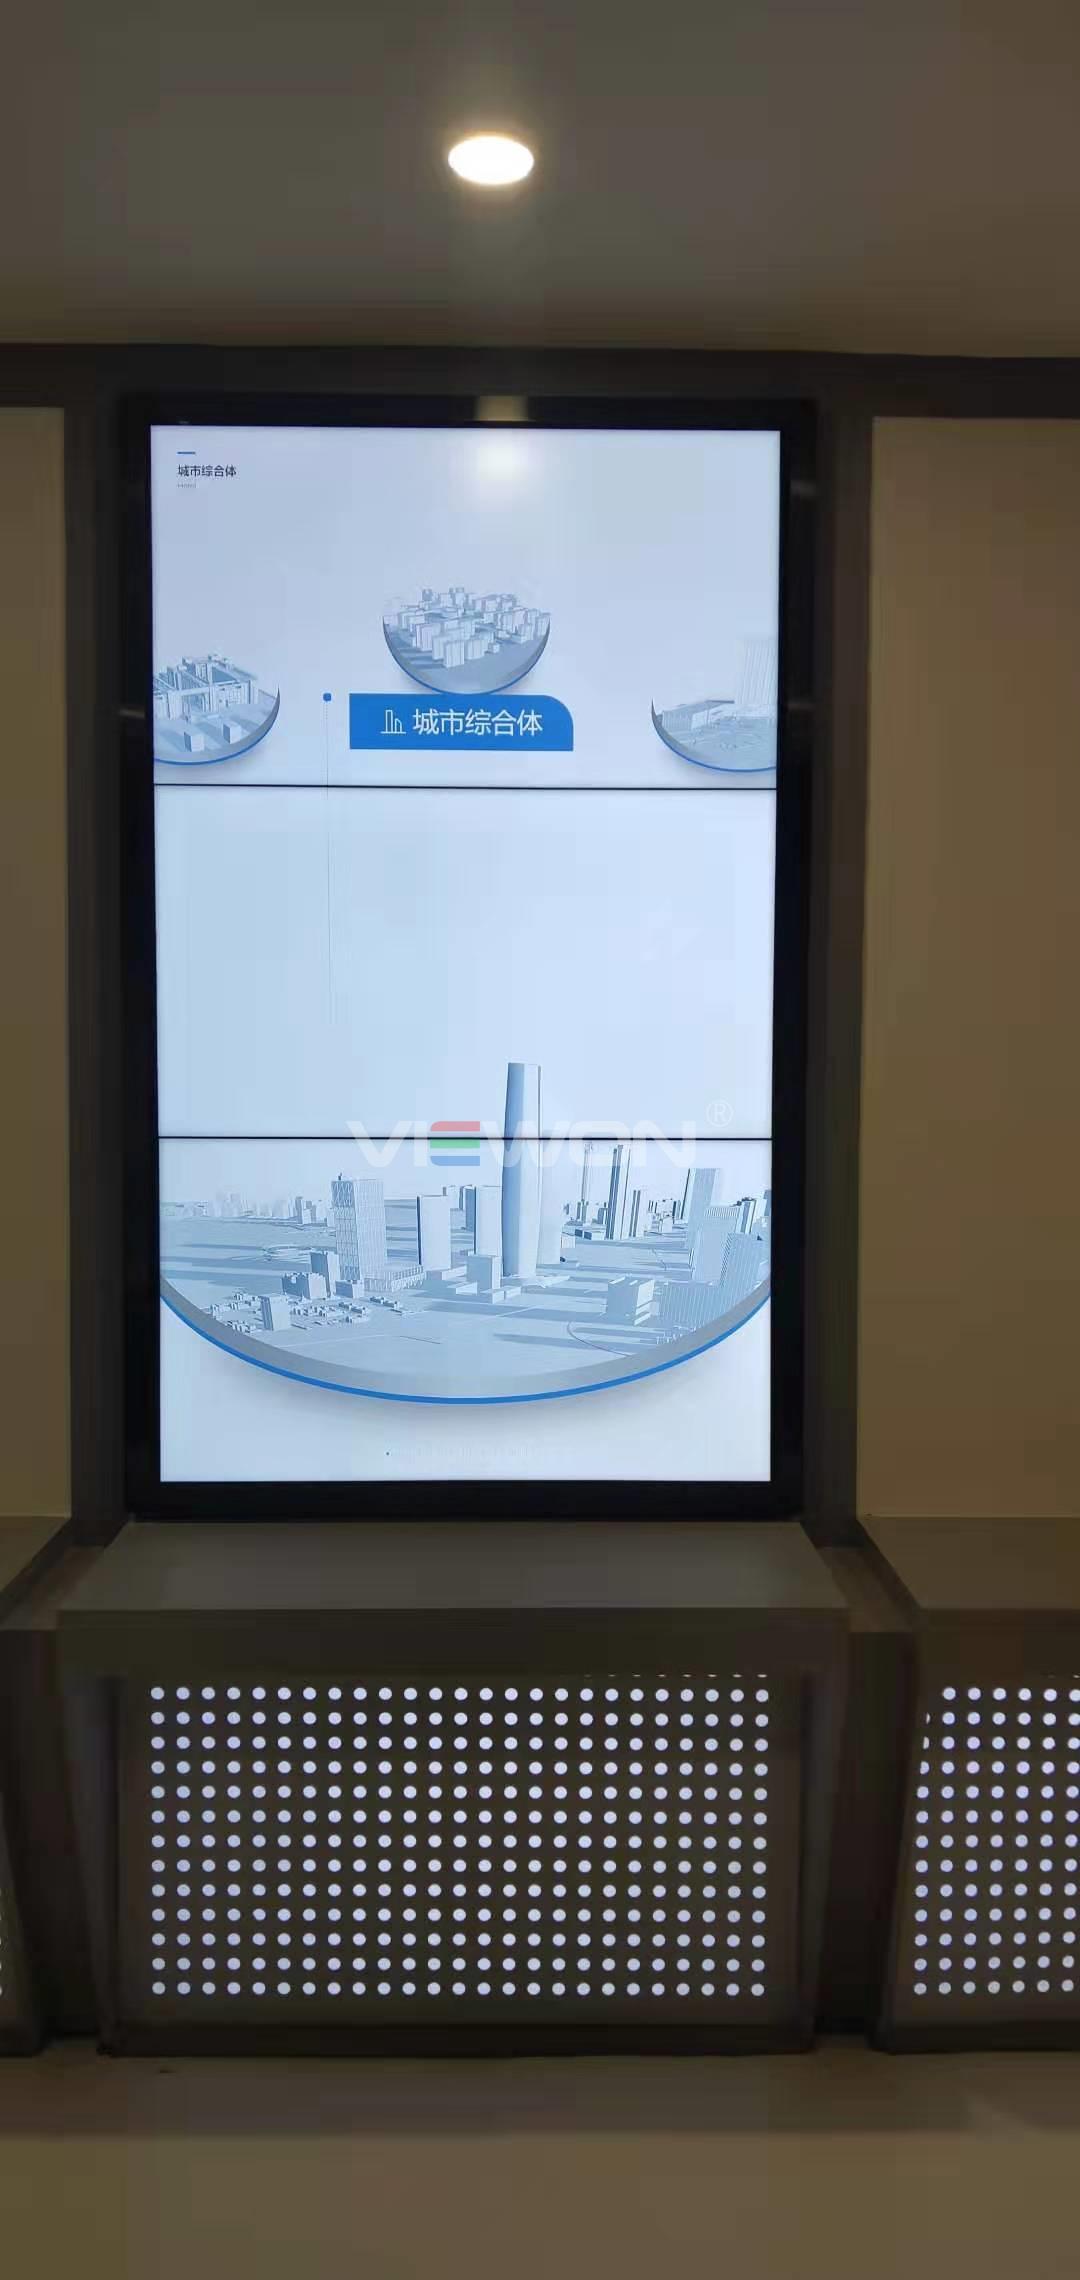 湖北项目添加水印-微信图片_202001071631112